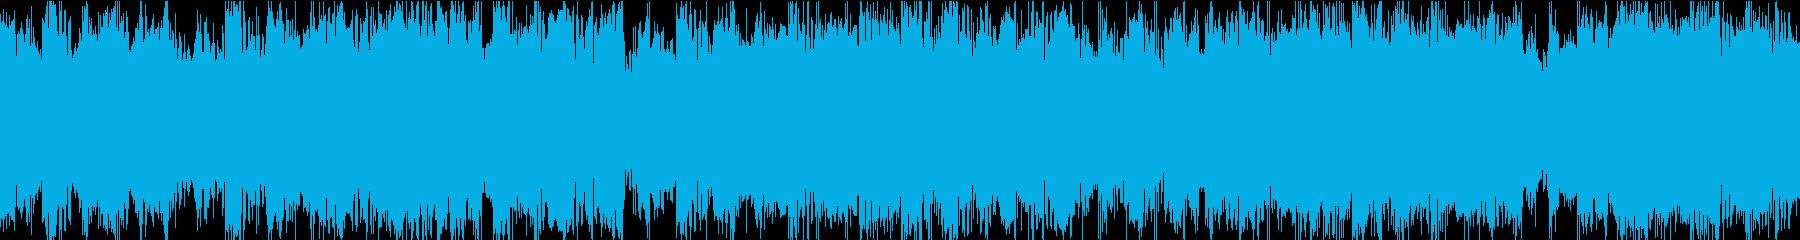 サスペンスやシリアスシーンに最適なループの再生済みの波形